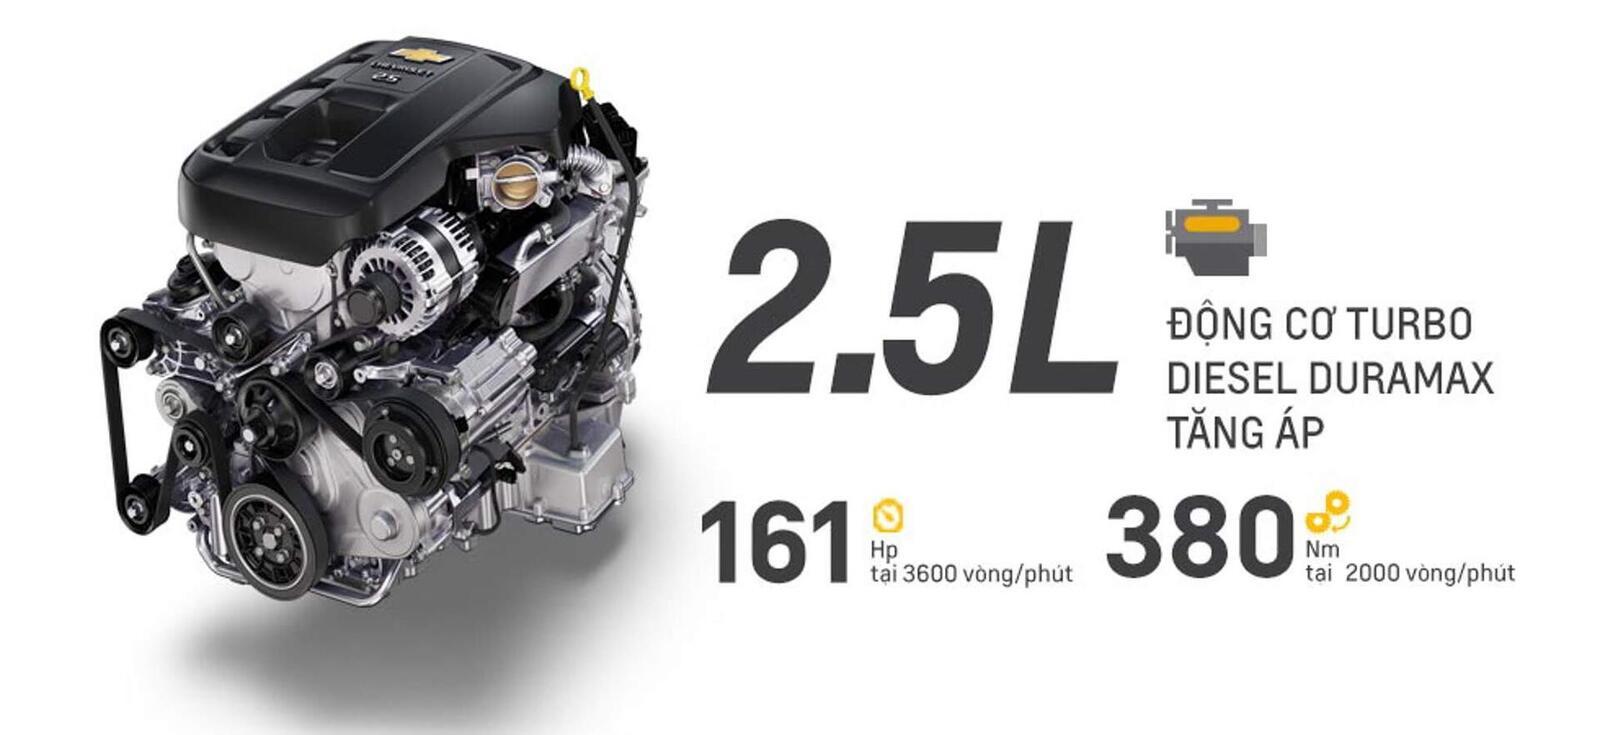 Chevrolet Trailblazer đã có giá bán; chỉ từ 859 triệu đồng - Hình 5